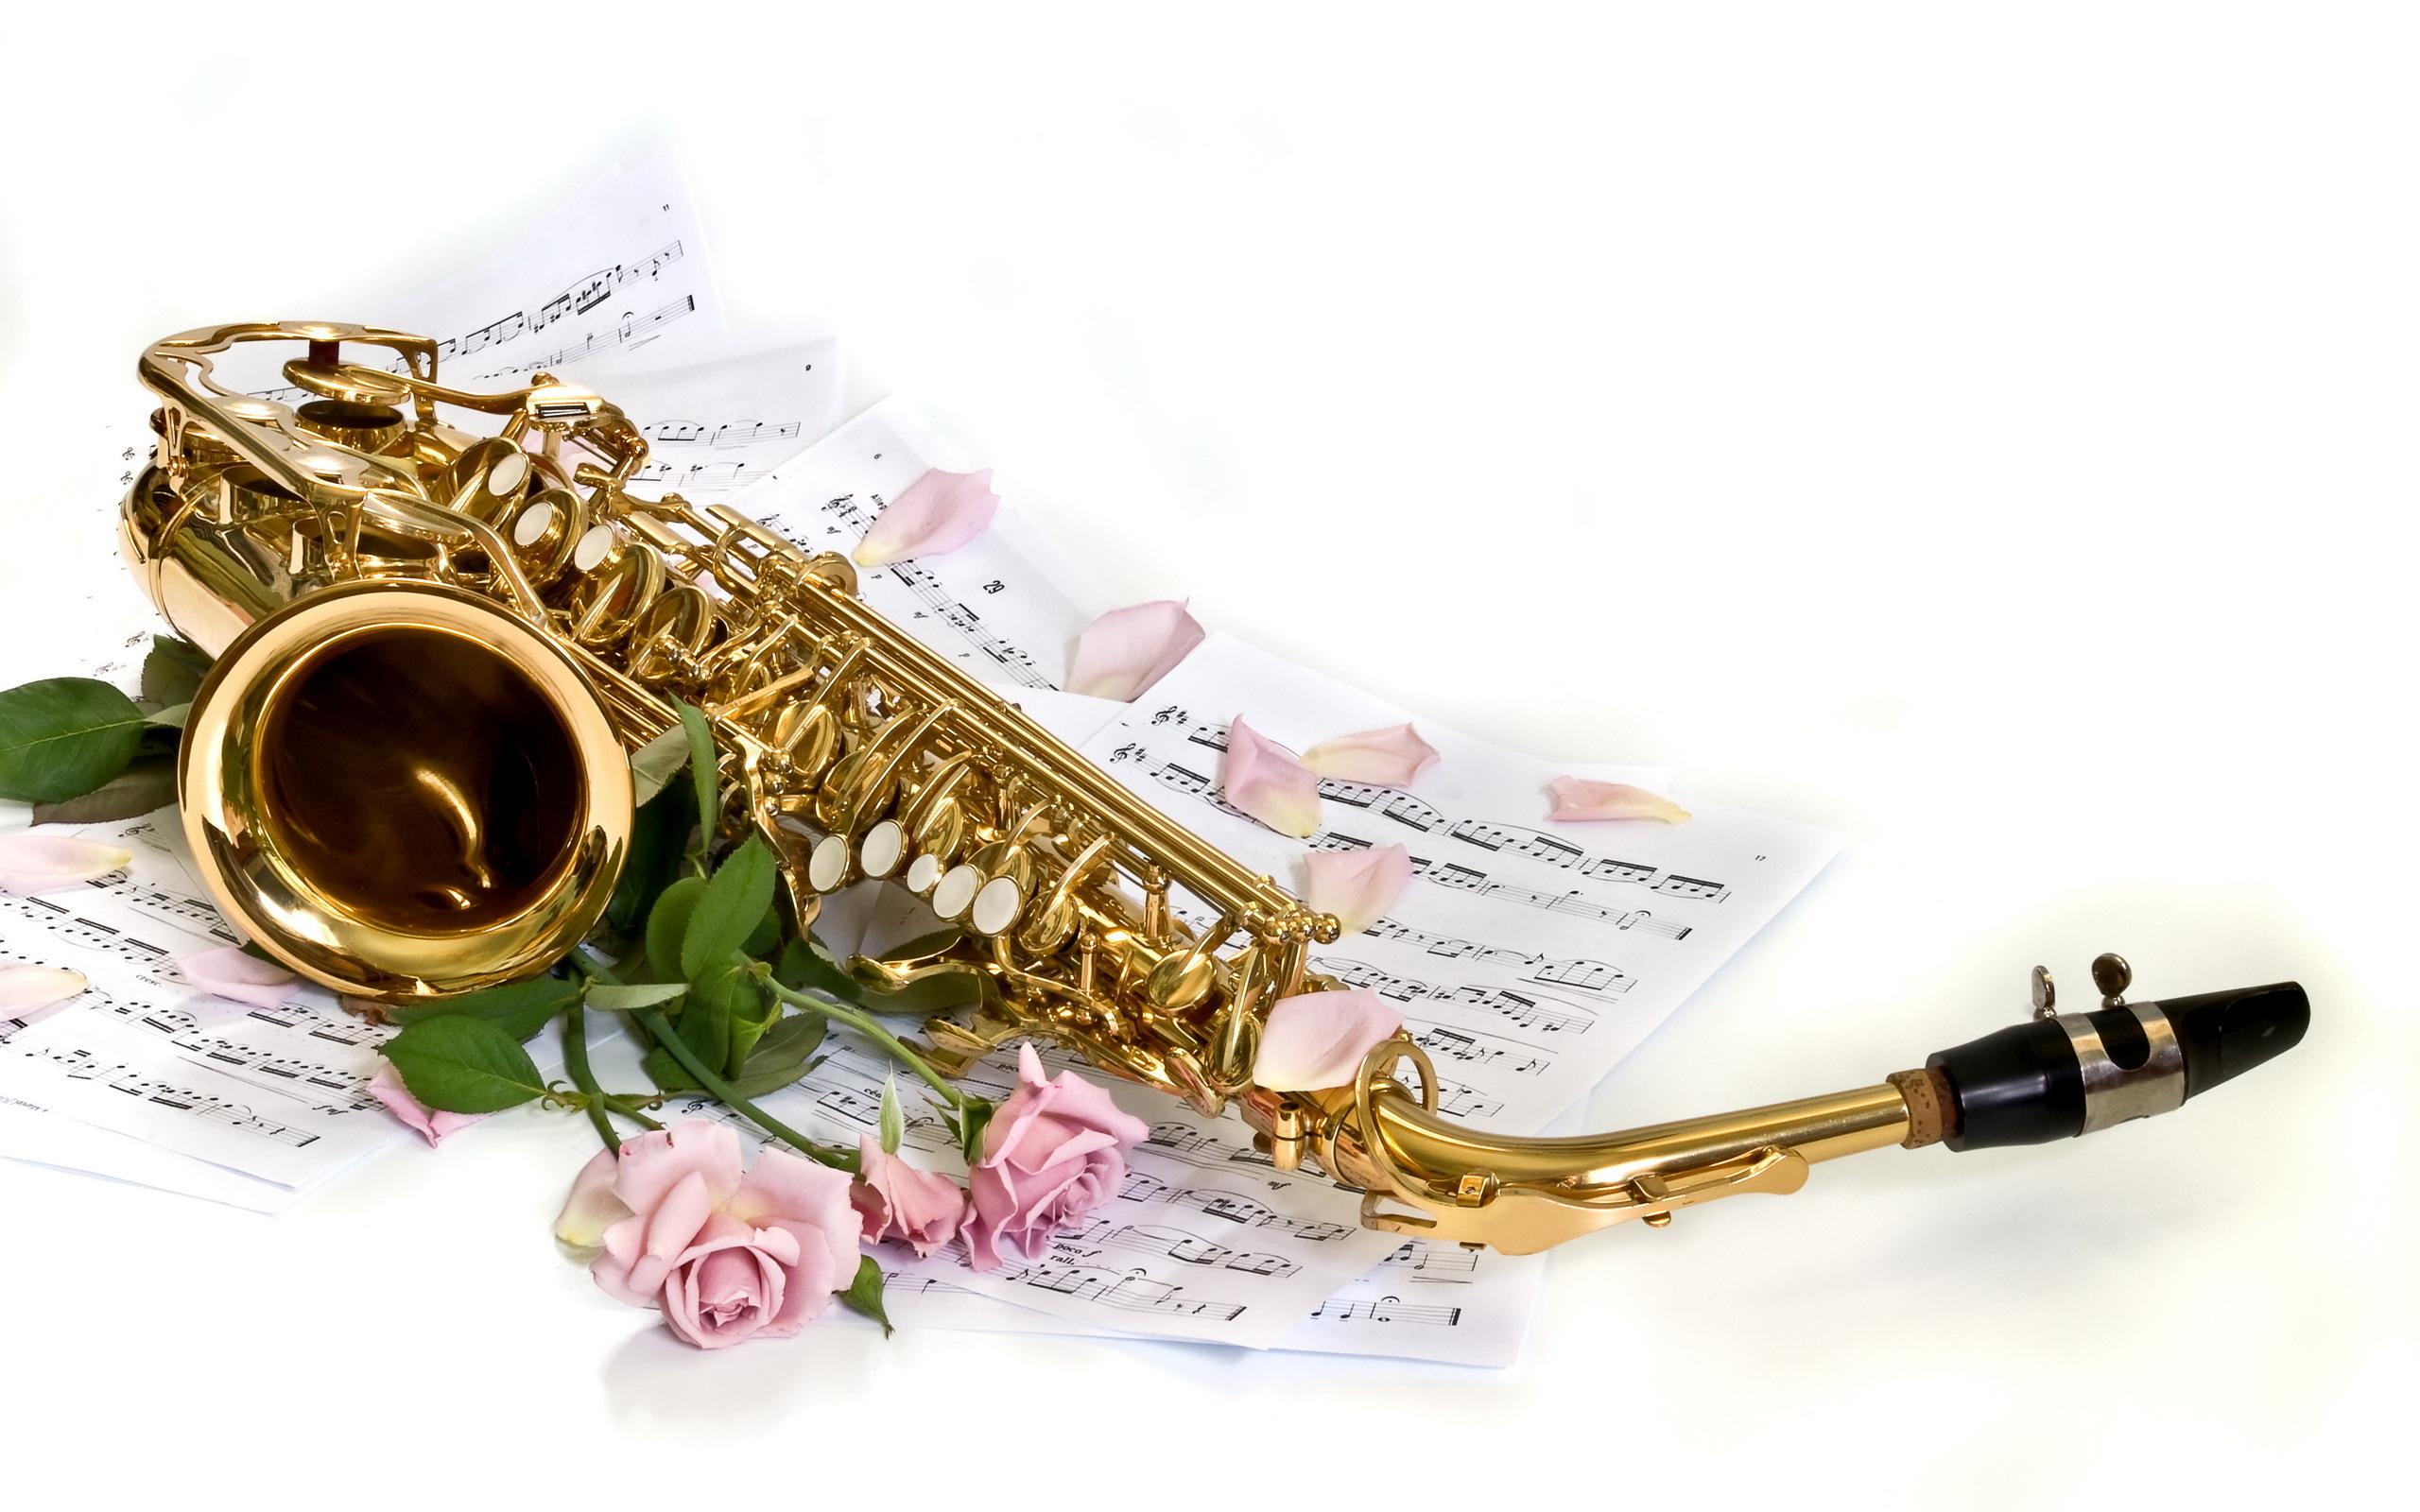 Фоновую музыку для поздравления с днем рождения, годовщиной свадьбы